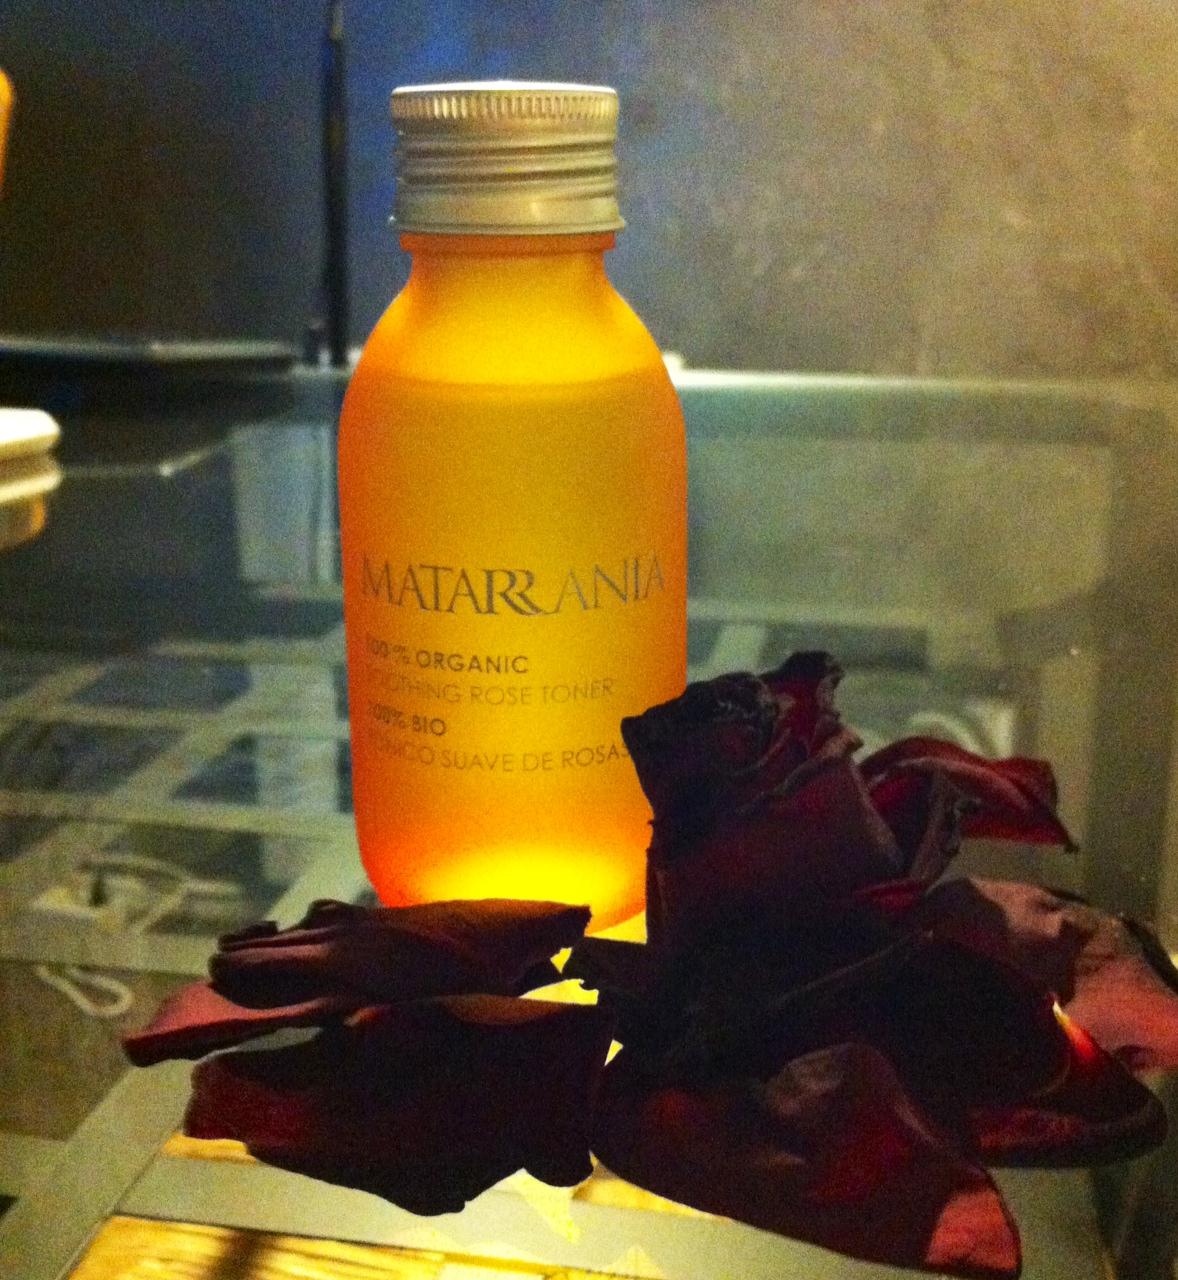 Matarrania, tónico suave de rosas